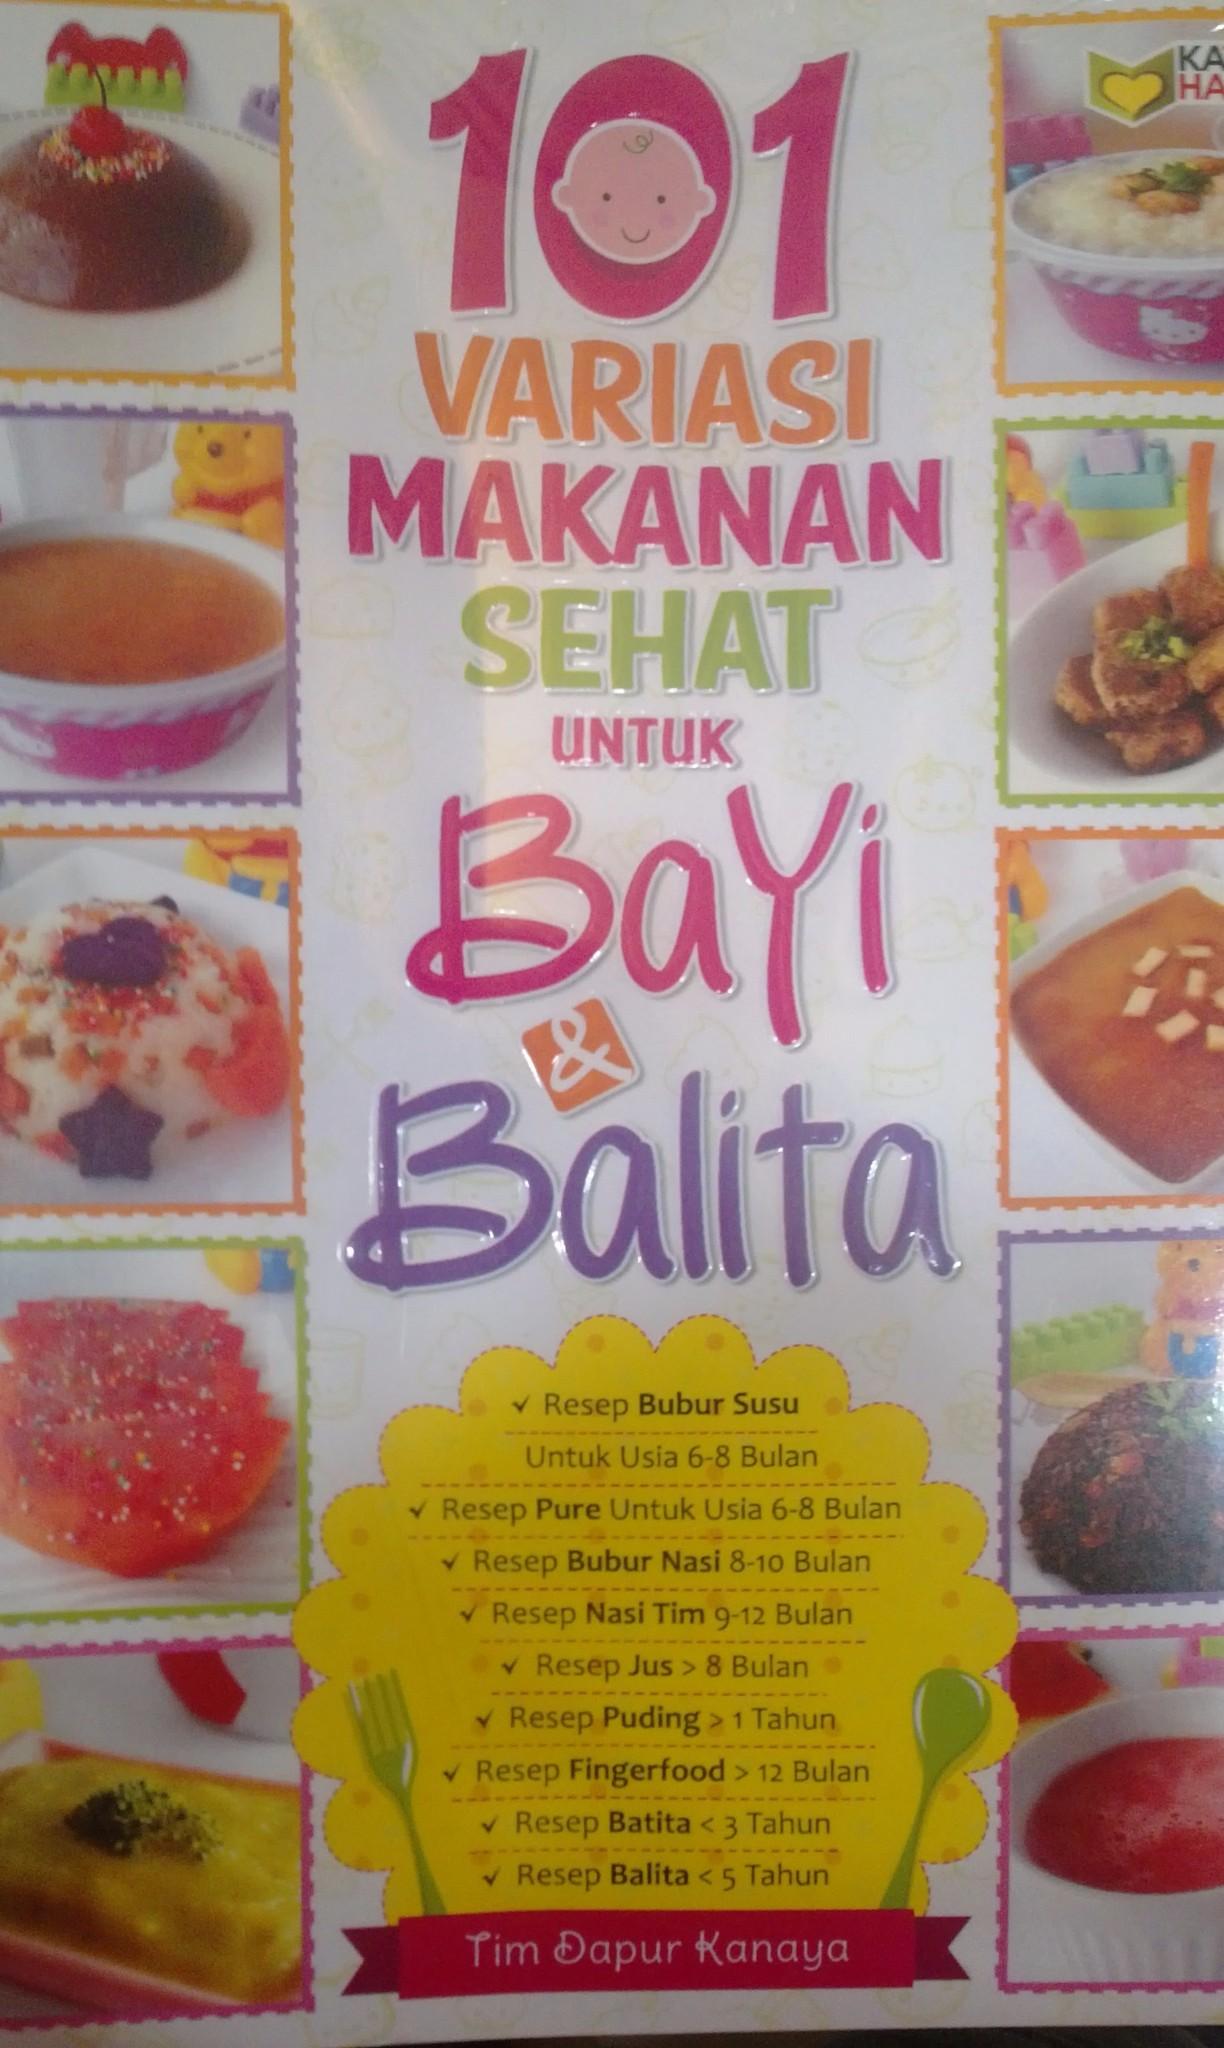 harga 101 Variasi Makanan Sehat untuk Bayi dan Balita Tokopedia.com